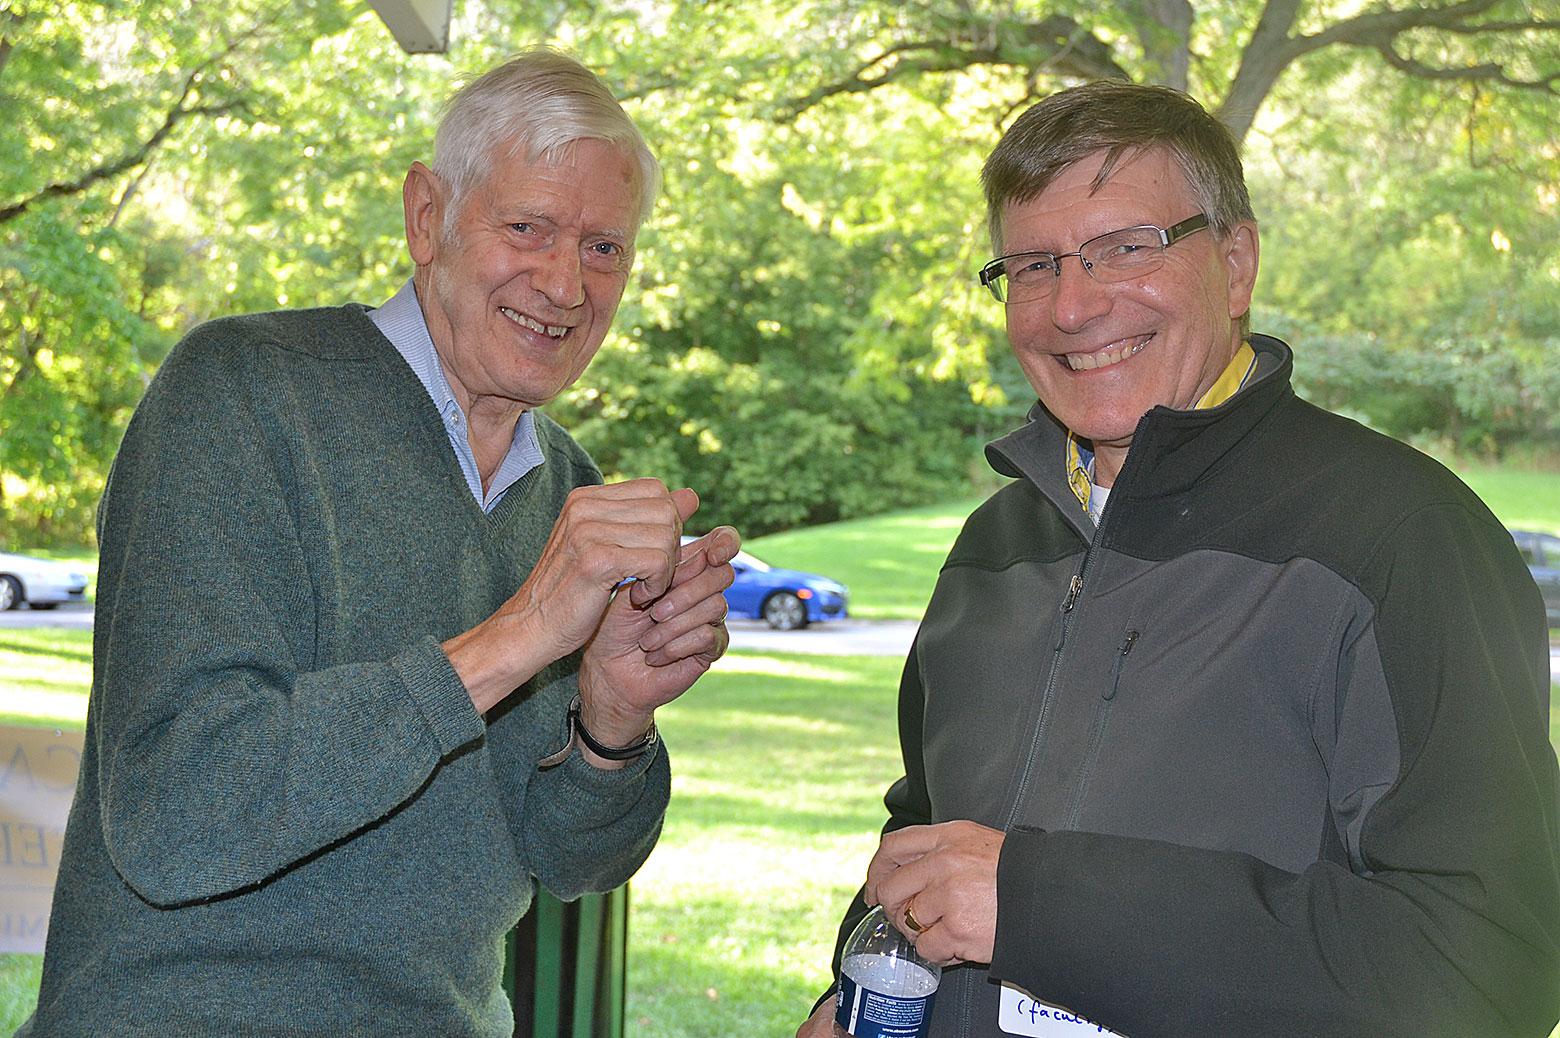 Jim Wilkes and Johannes Schwank